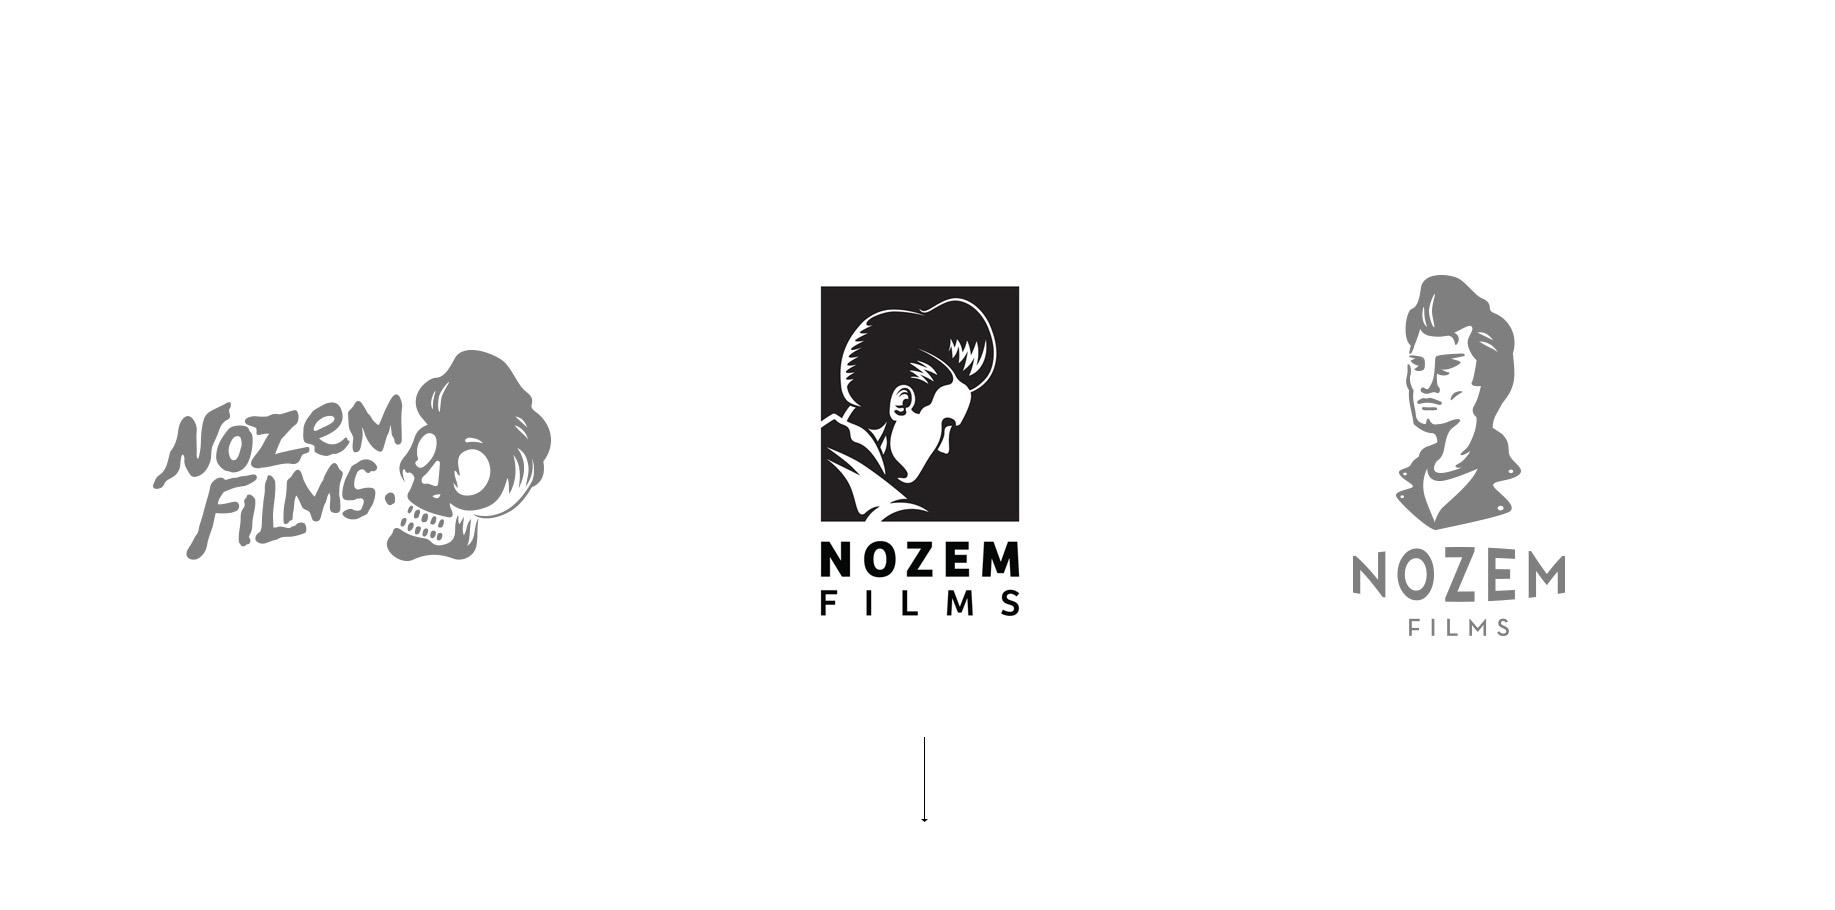 nozem_films_10